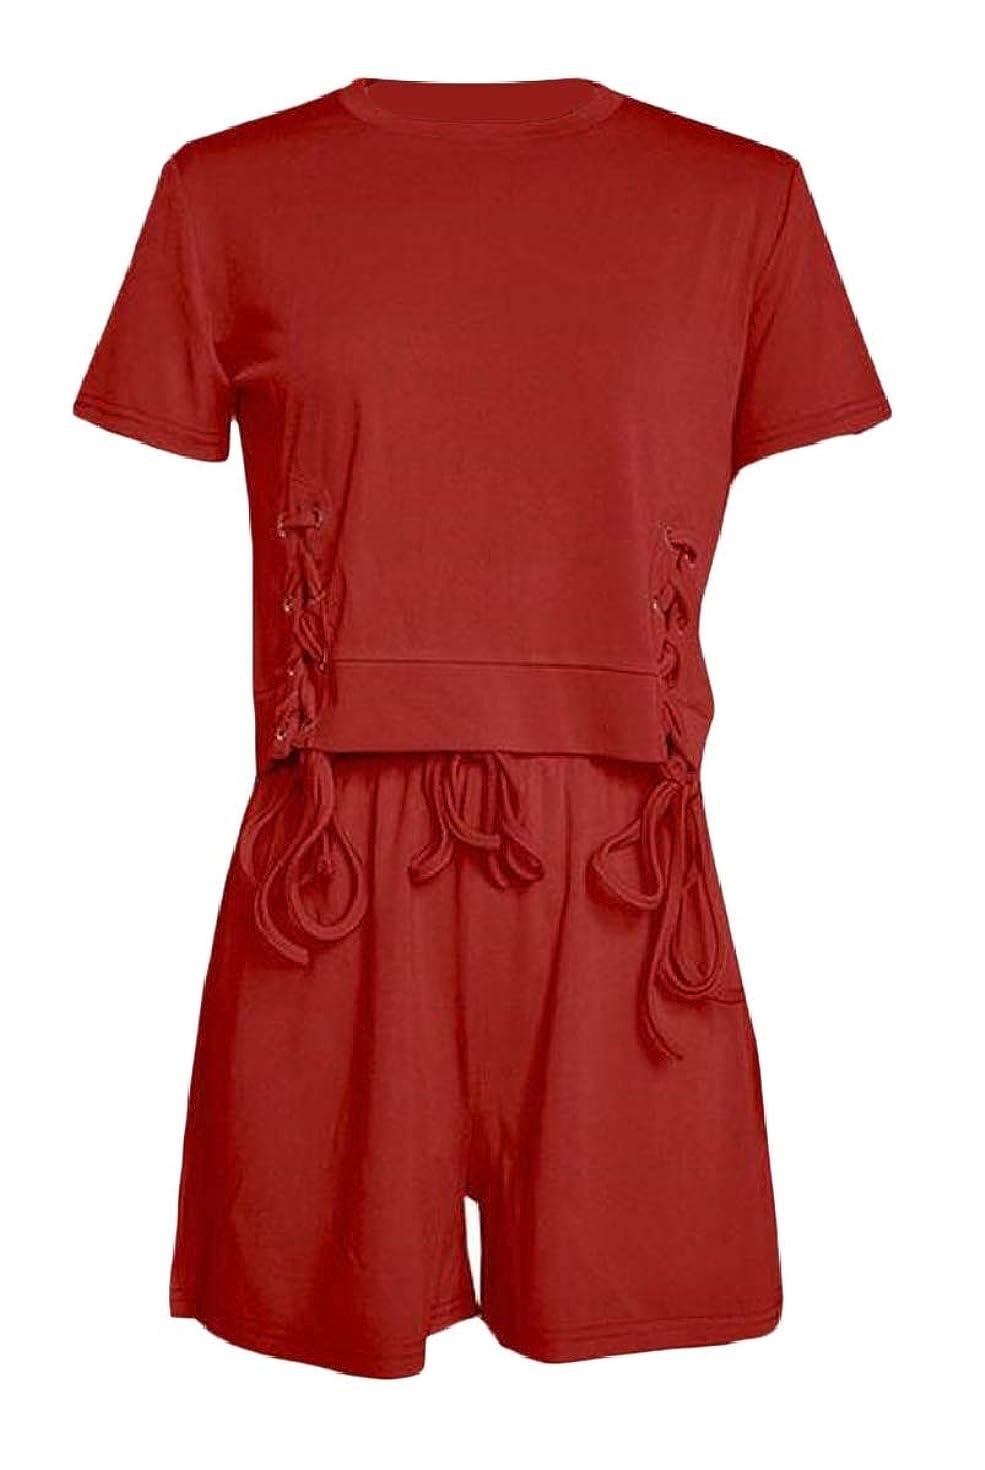 水平発症取り除く女性の2ピースショーツセットセクシースポーツ半袖作物トップショーツの衣装